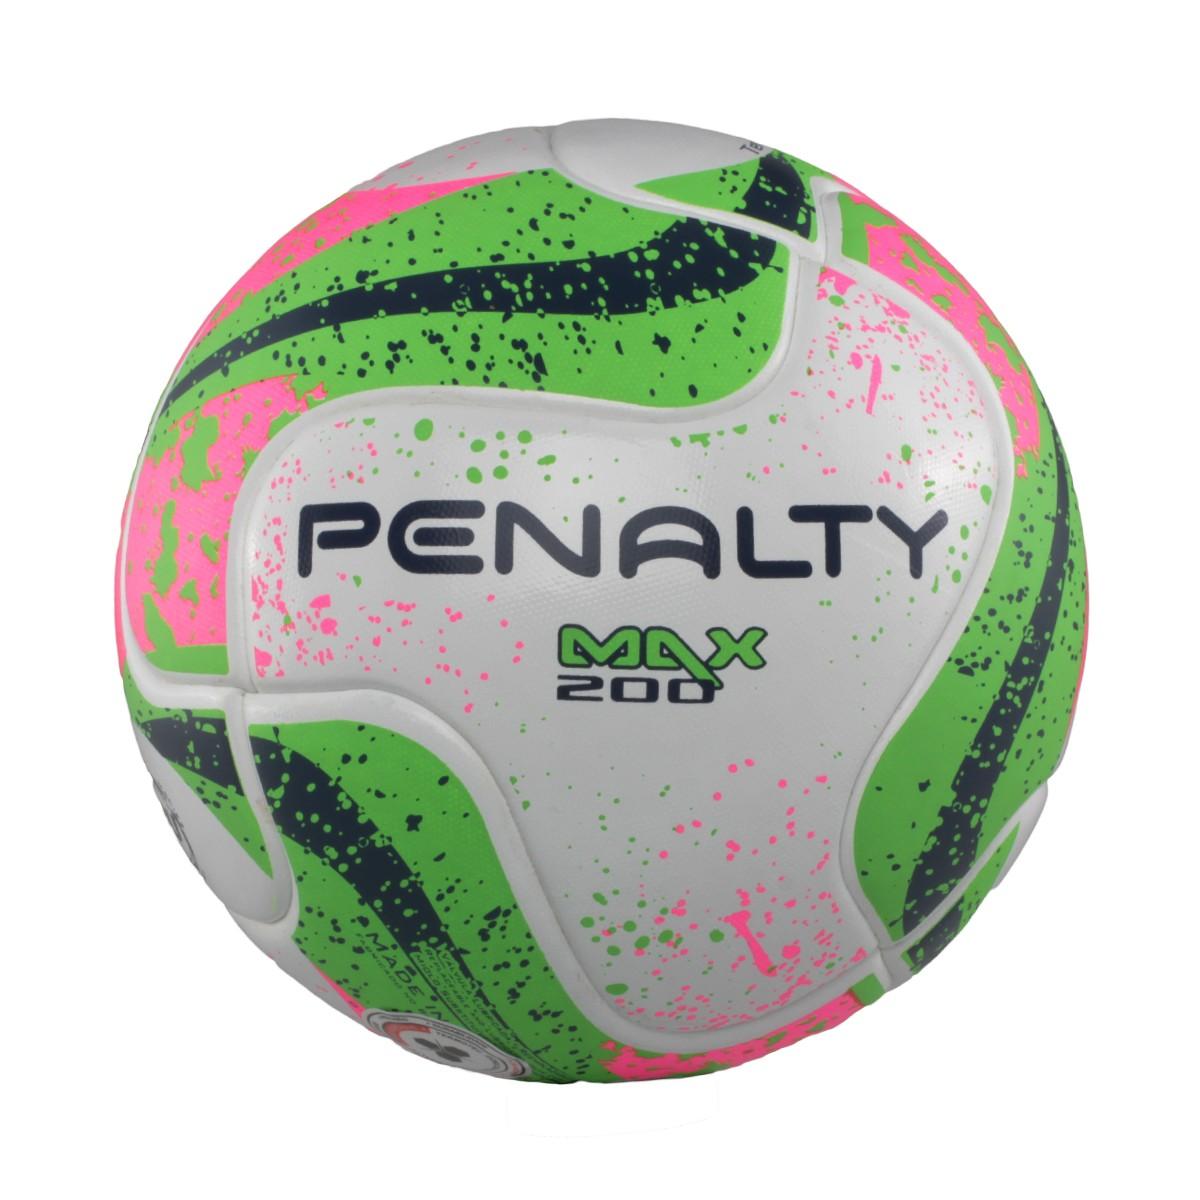 5ecb6a8337 Bola Penalty Max 200 Termotec 7